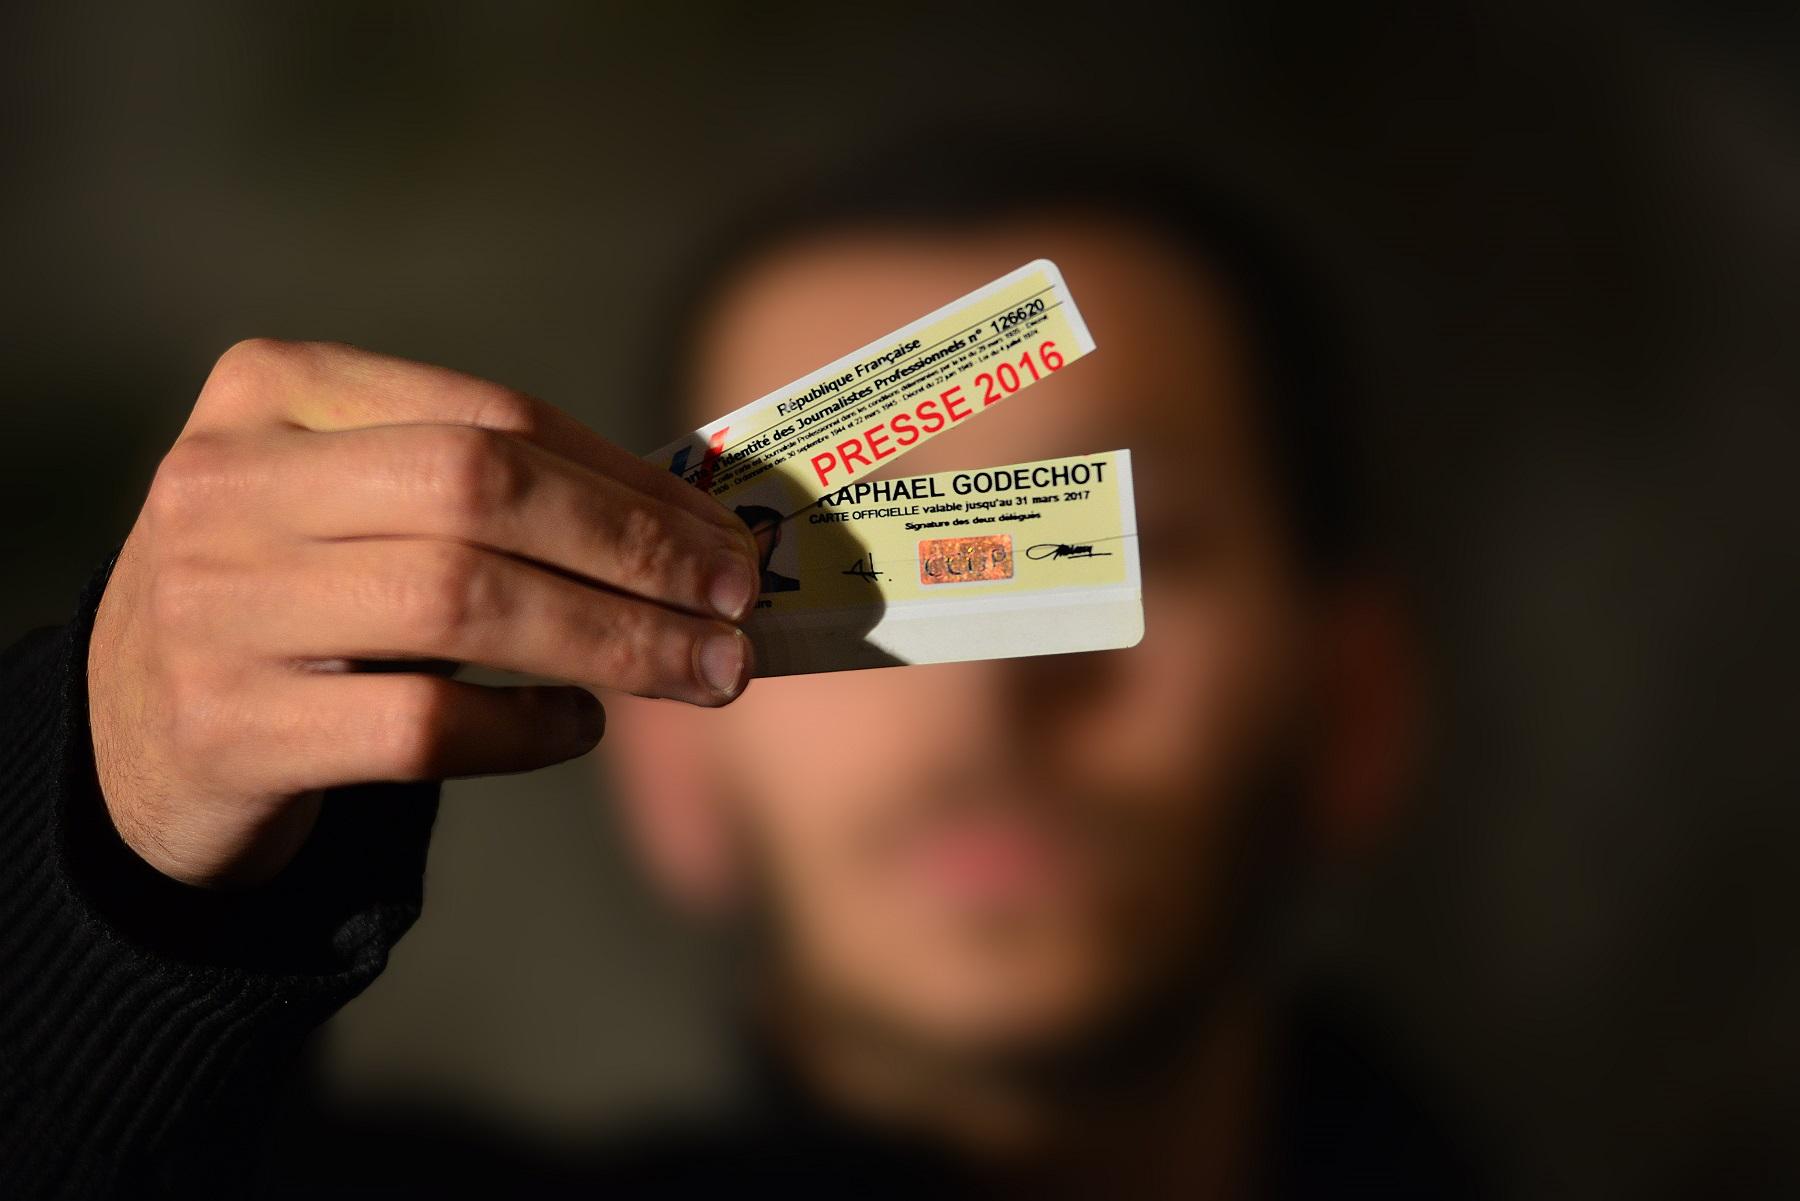 Un journaliste qui filme un contrôle violemment agressé par des agents de la RATP